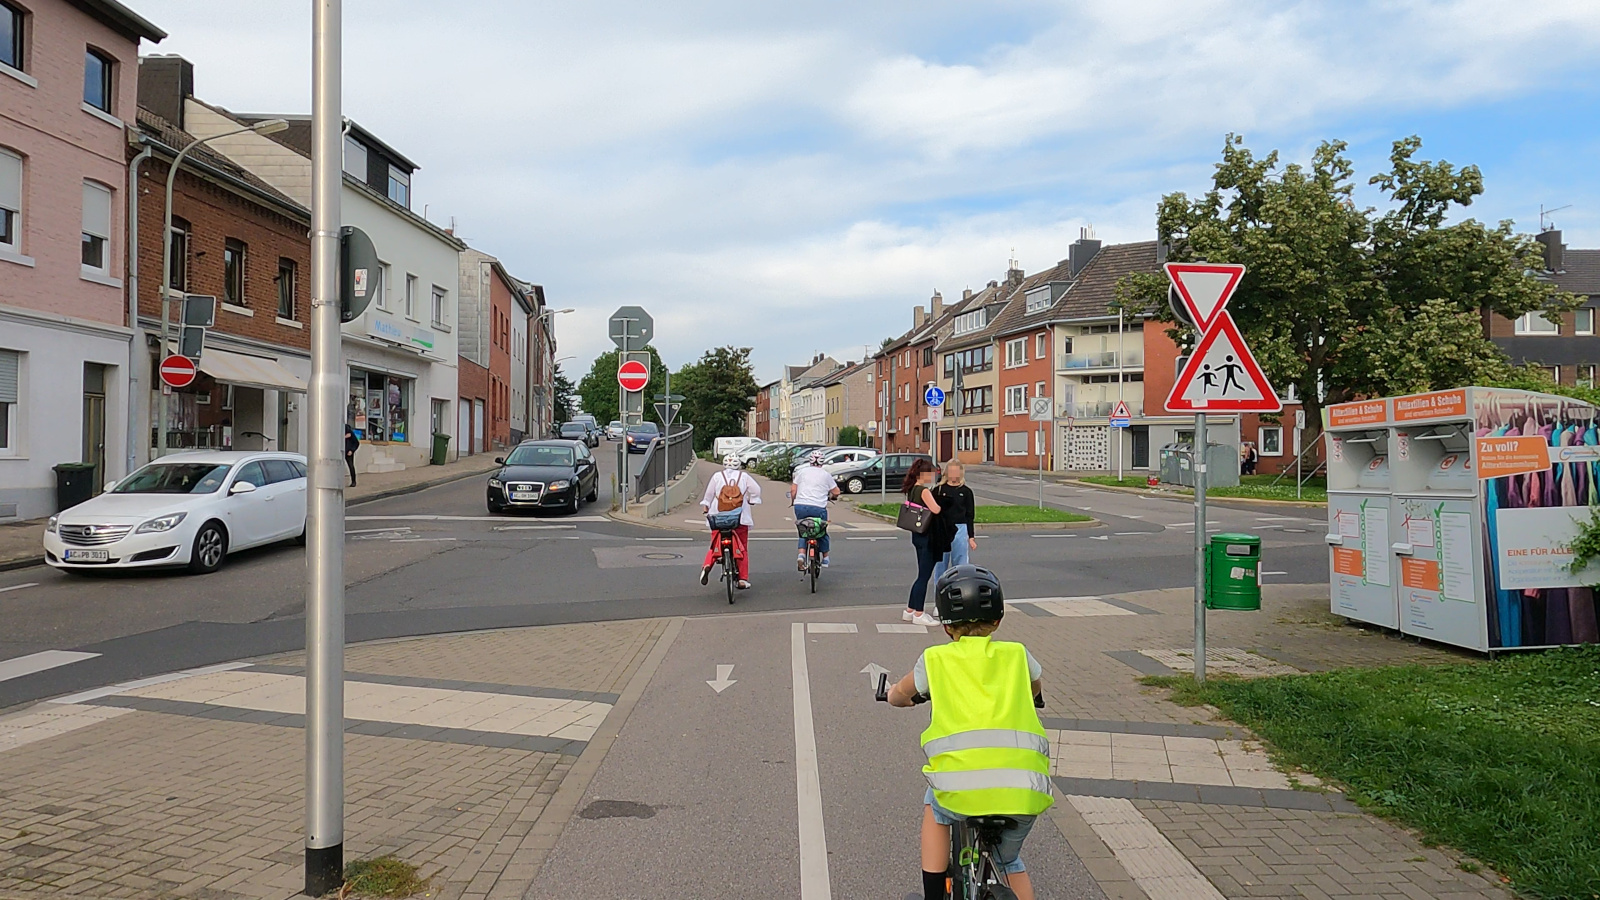 Bild: Kreuzung des Bahntrassenradwegs Aachen-Jülich mit der Wilhelmstraße, leider ohne Vorfahrt